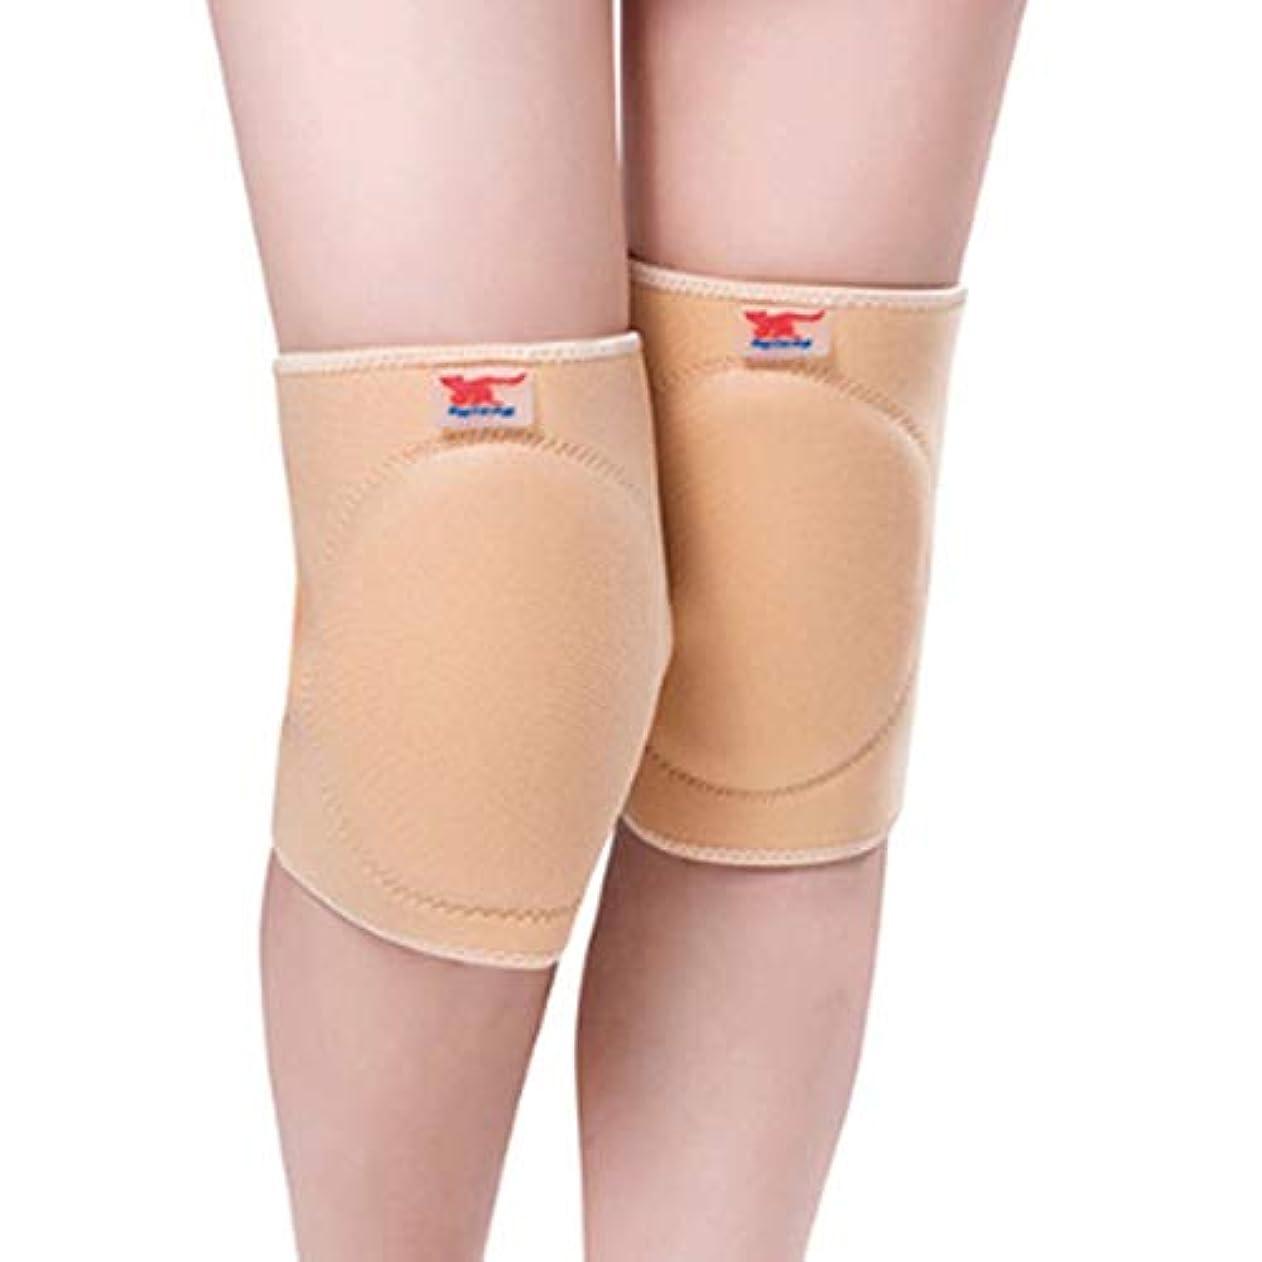 決済祖先ビン反膝パッドウール防止関節炎保温暖かい膝サポート通気性肥厚膝パッド安全膝ブレース